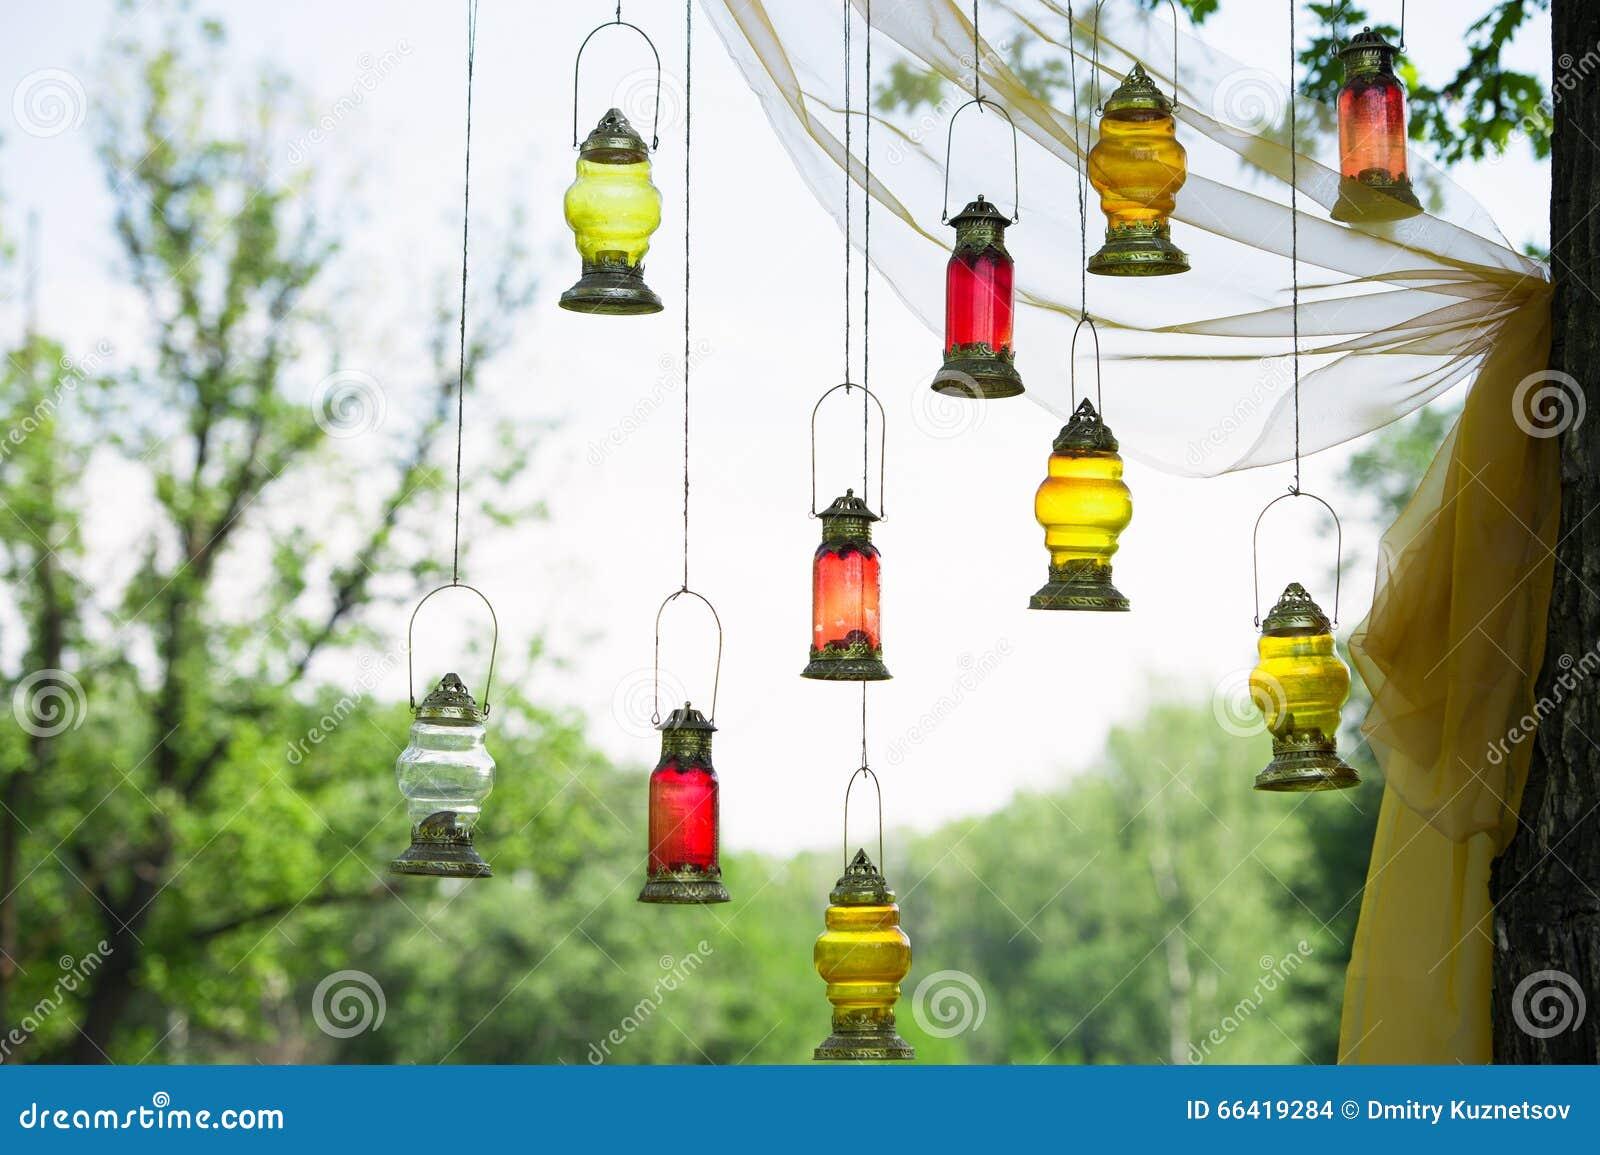 Lampade arabe fotografia stock. Immagine di tessile, rosso - 66419284